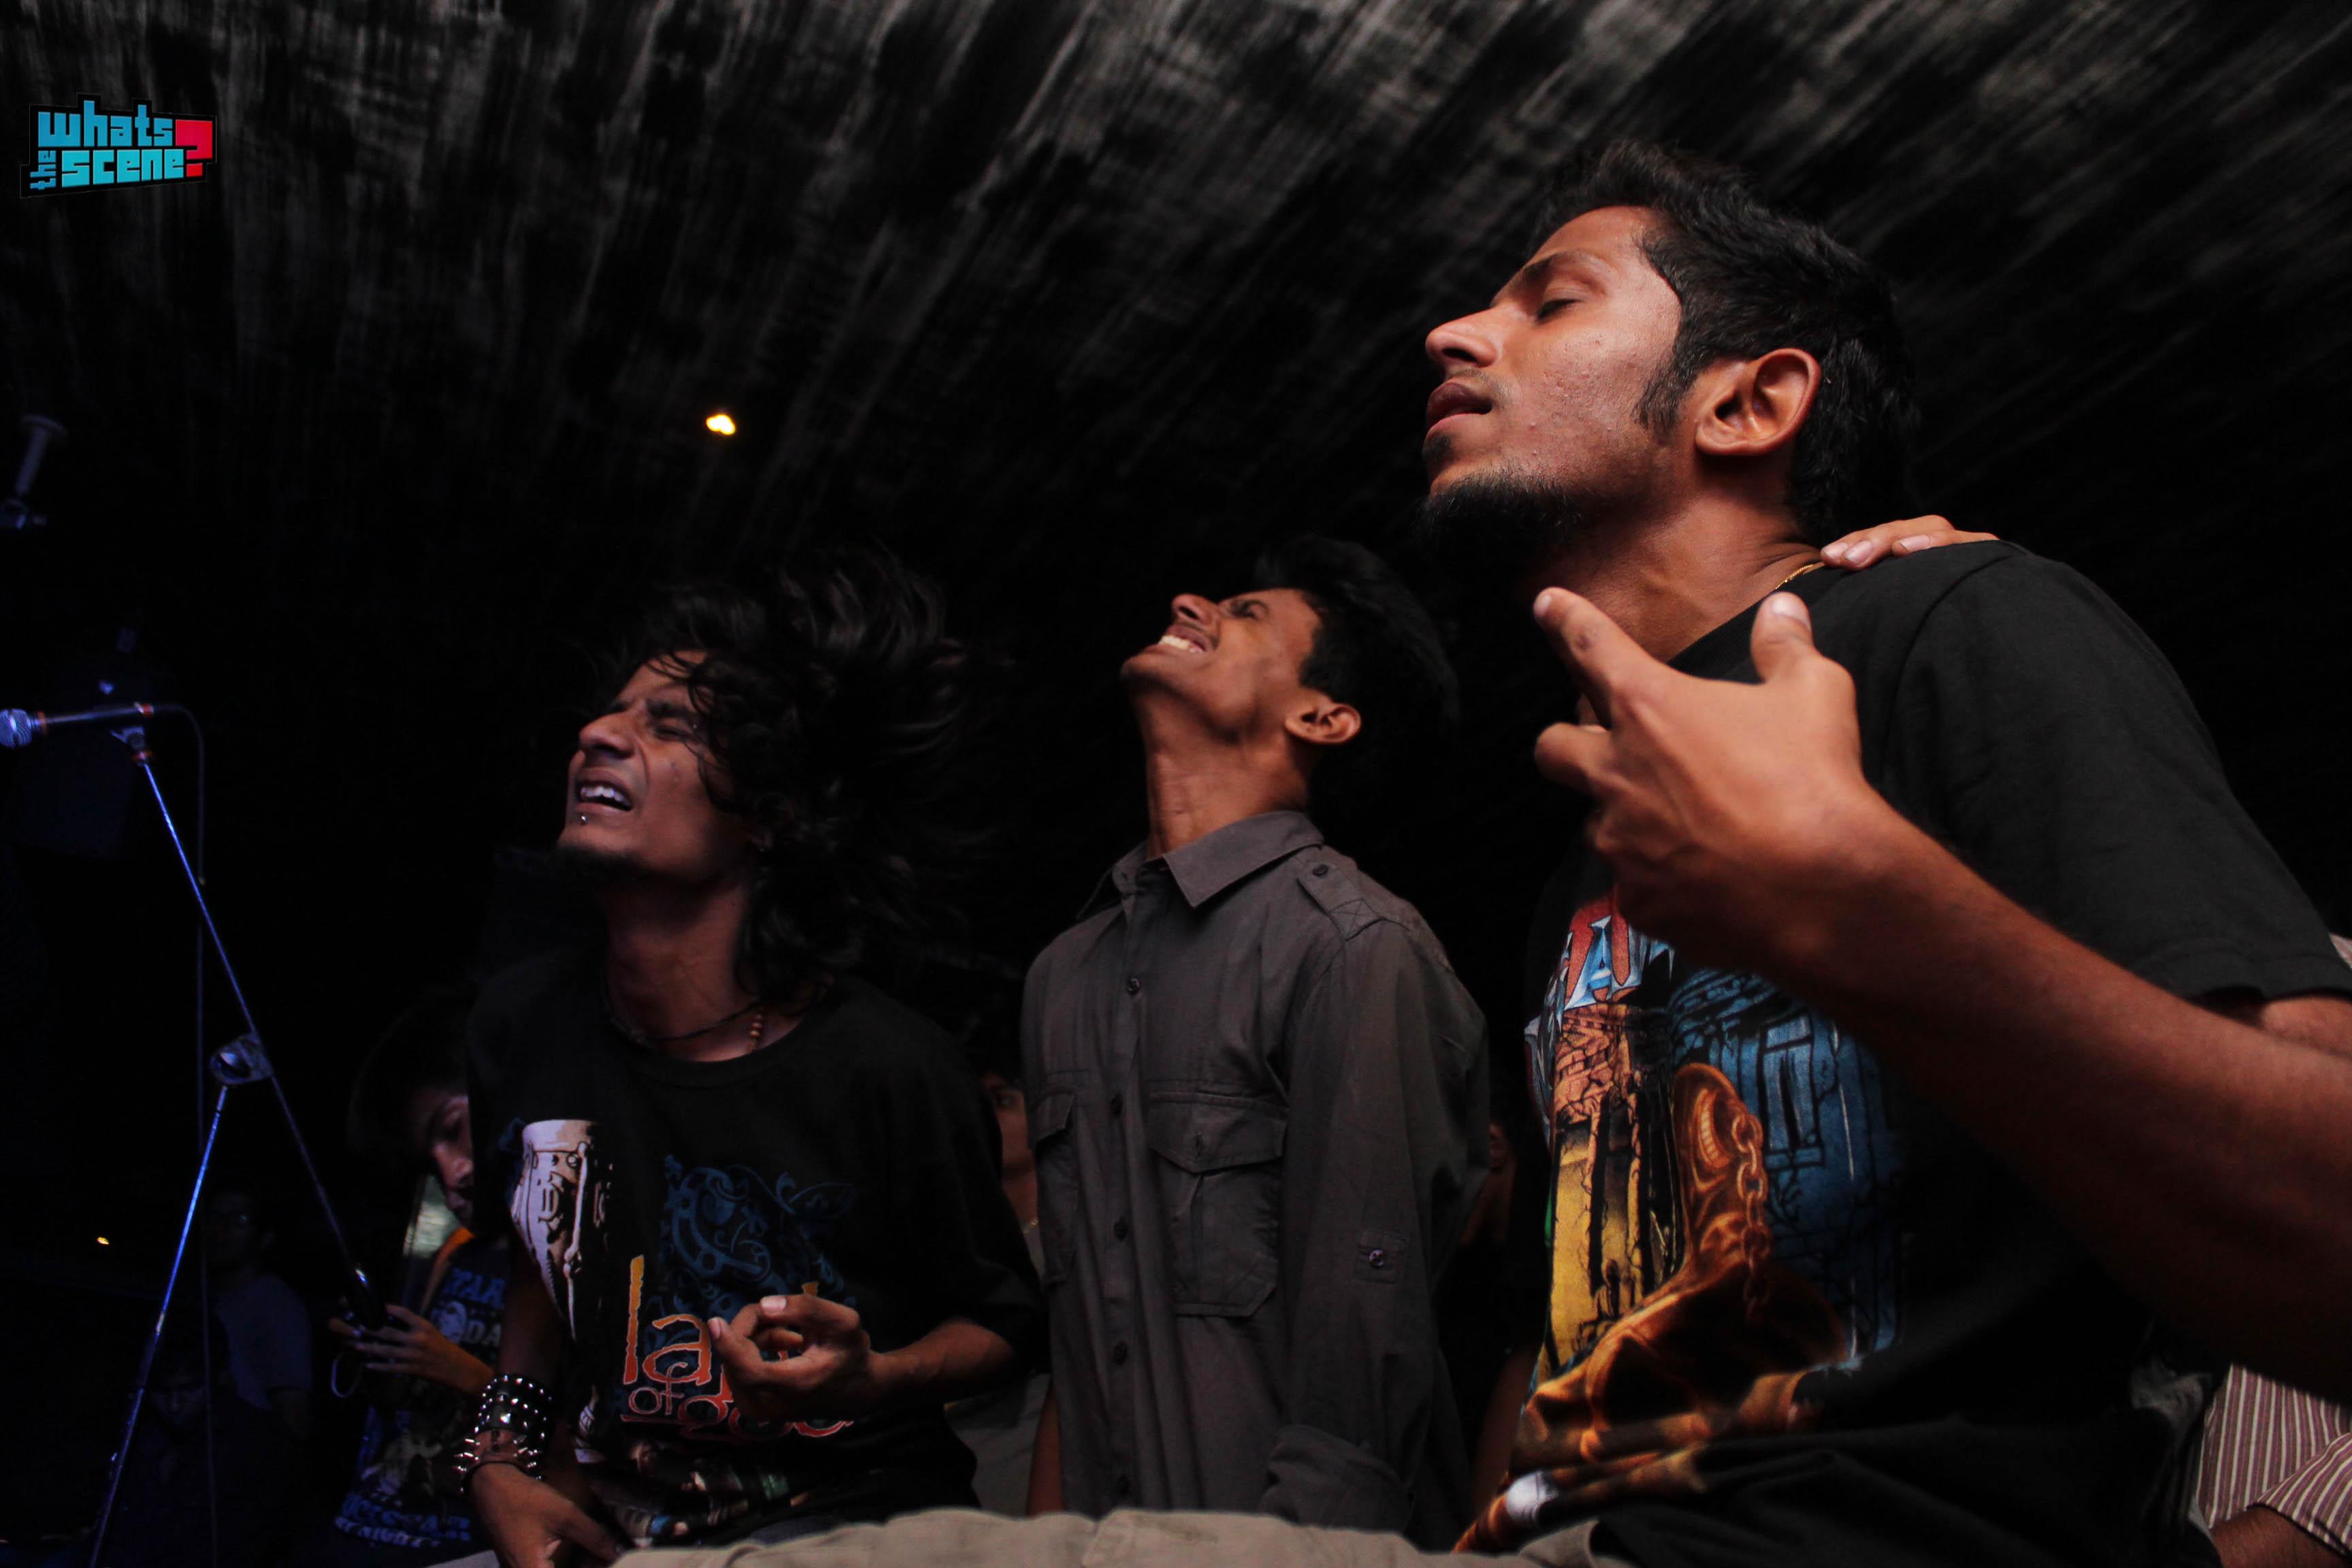 Metal Wave at Xtreme Sports Bar, Hyderabad